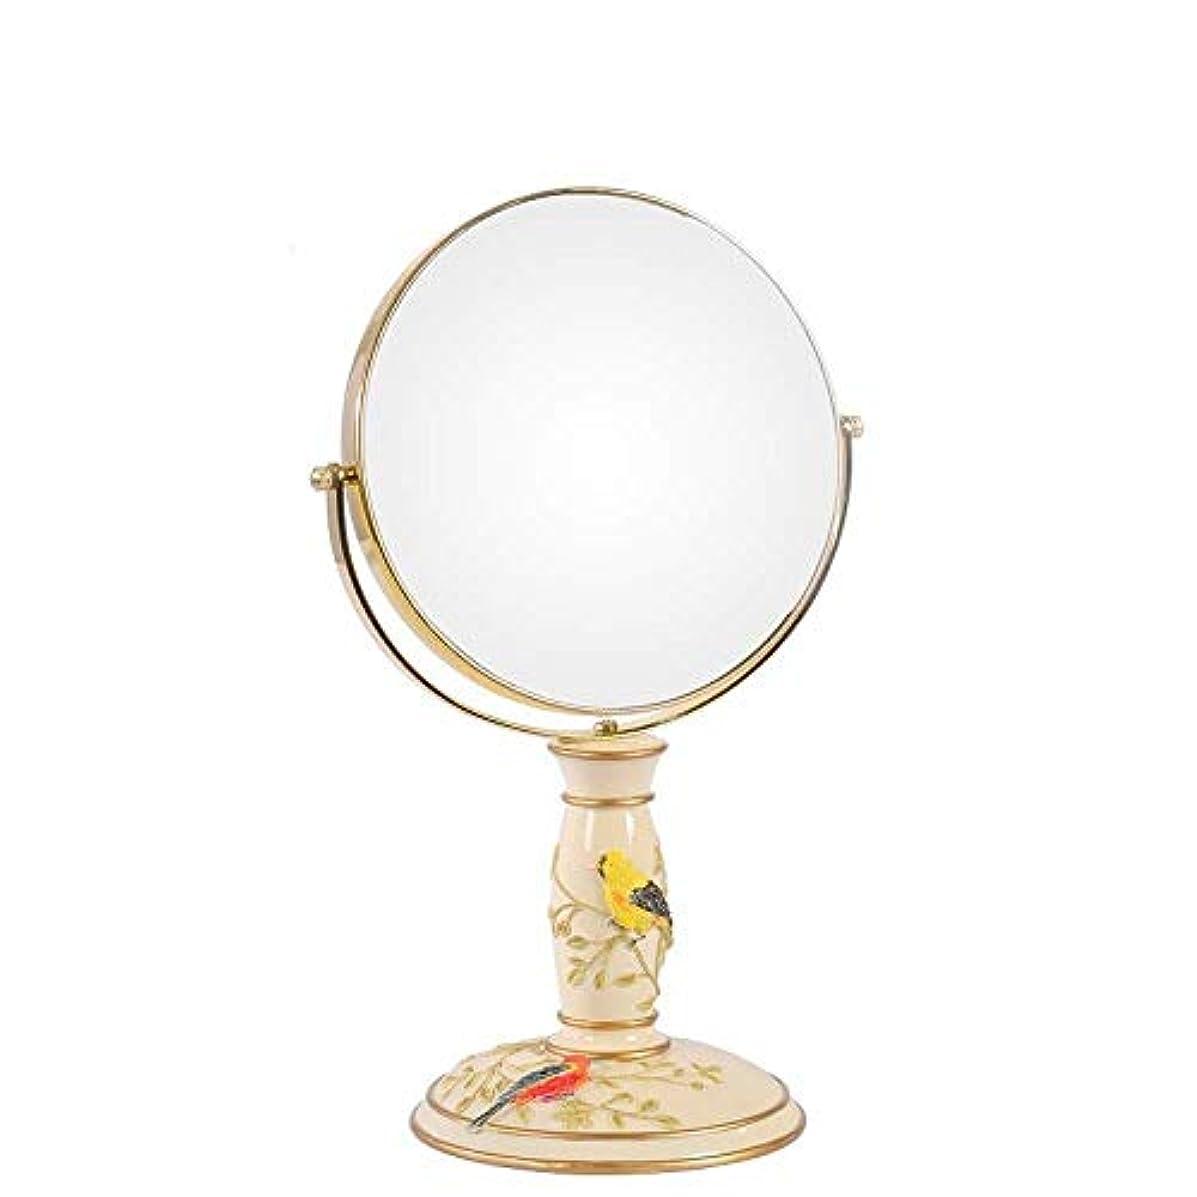 説教する快いぬるい流行の ビンテージ化粧鏡、鏡360°回転スタンド、倍率1倍、3倍、ラウンドダブル両面回転化粧鏡